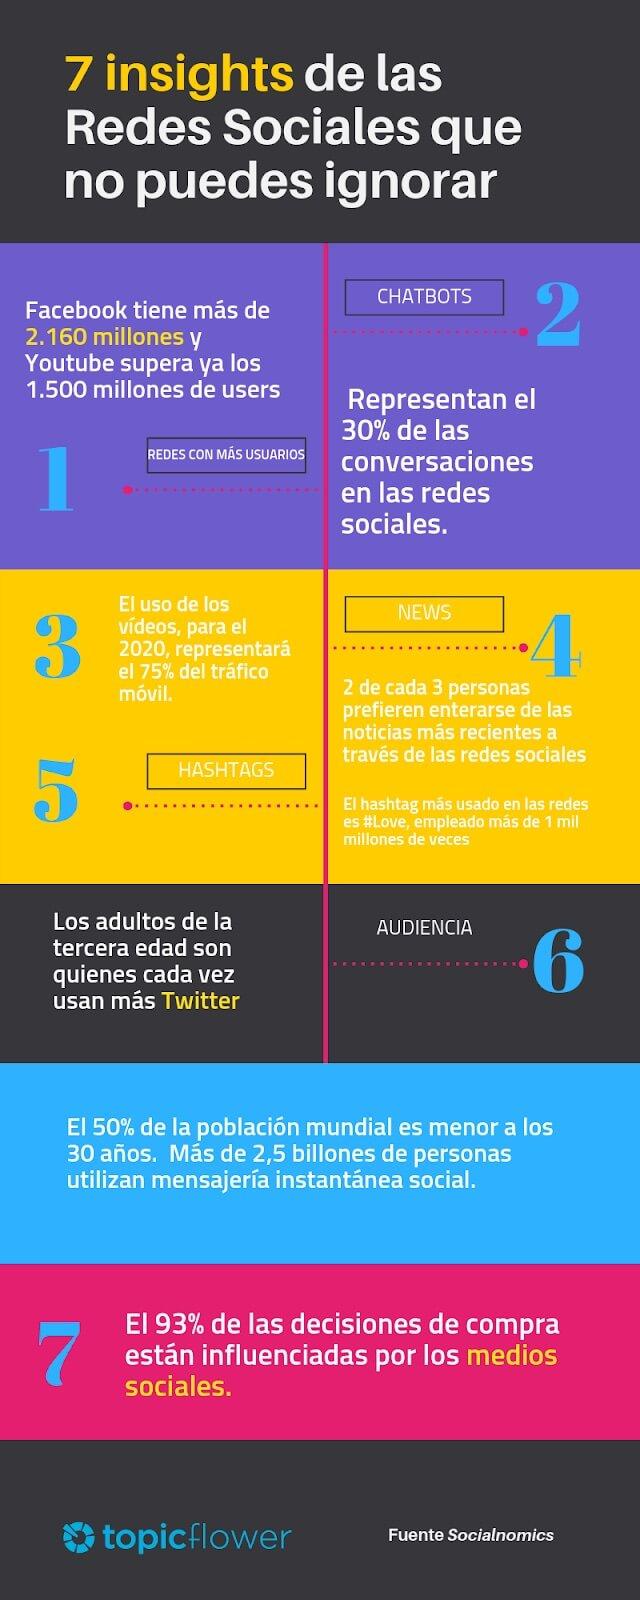 Ejemplos de infografía con insights sobre redes sociales